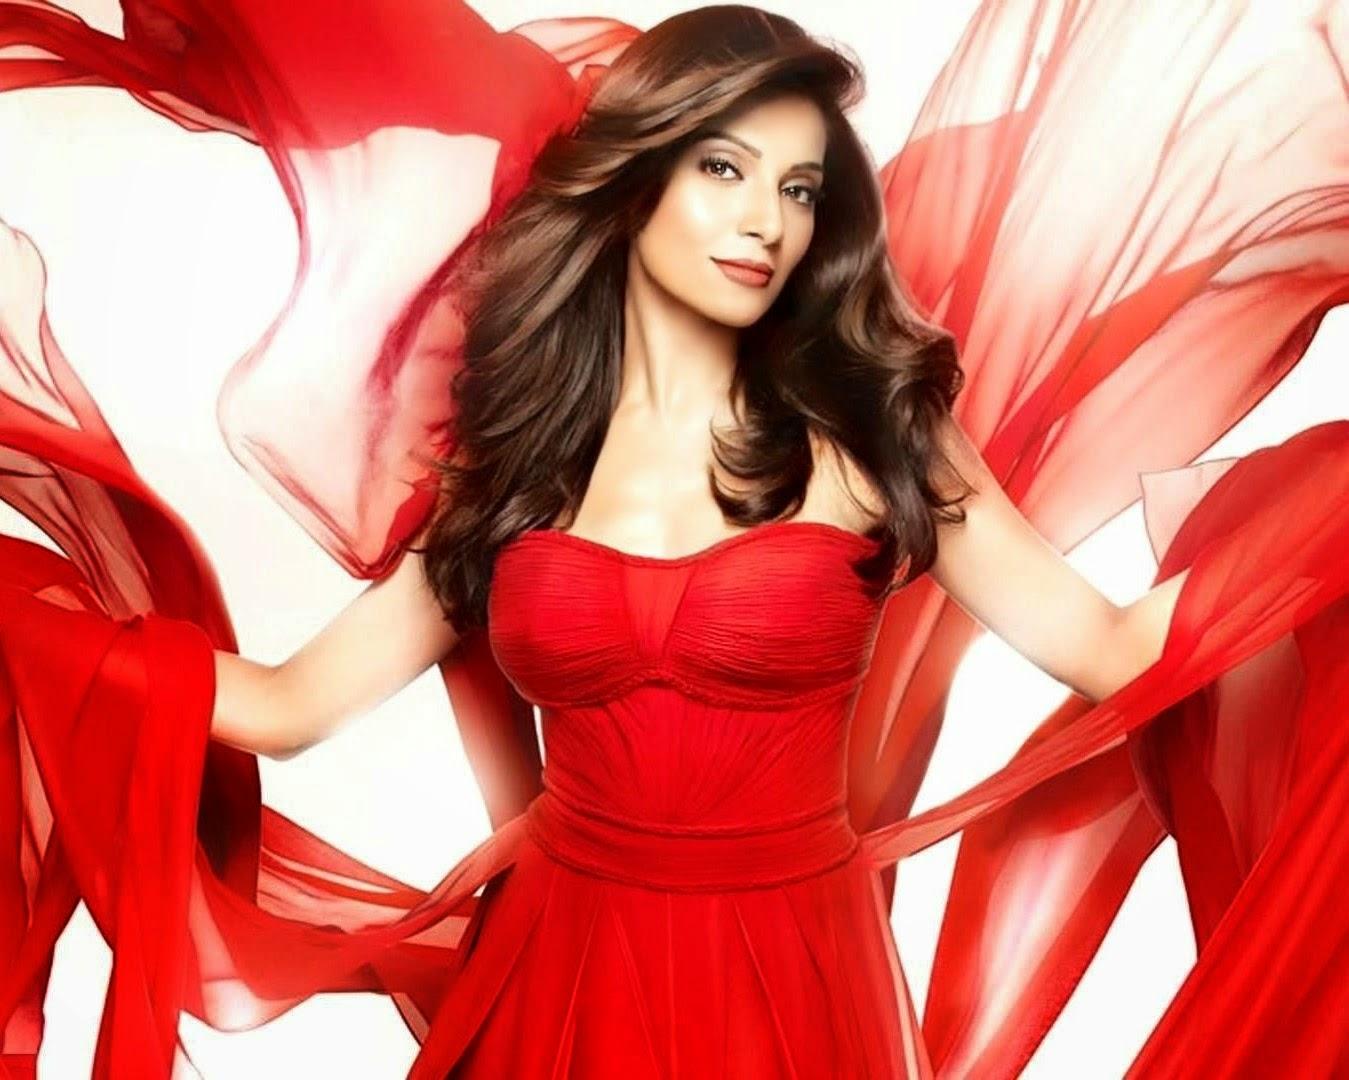 Free download full hd wallpaper bipasha basu bollywood actress hot pics full hd 1080 size - Hollywood actress full hd wallpaper ...